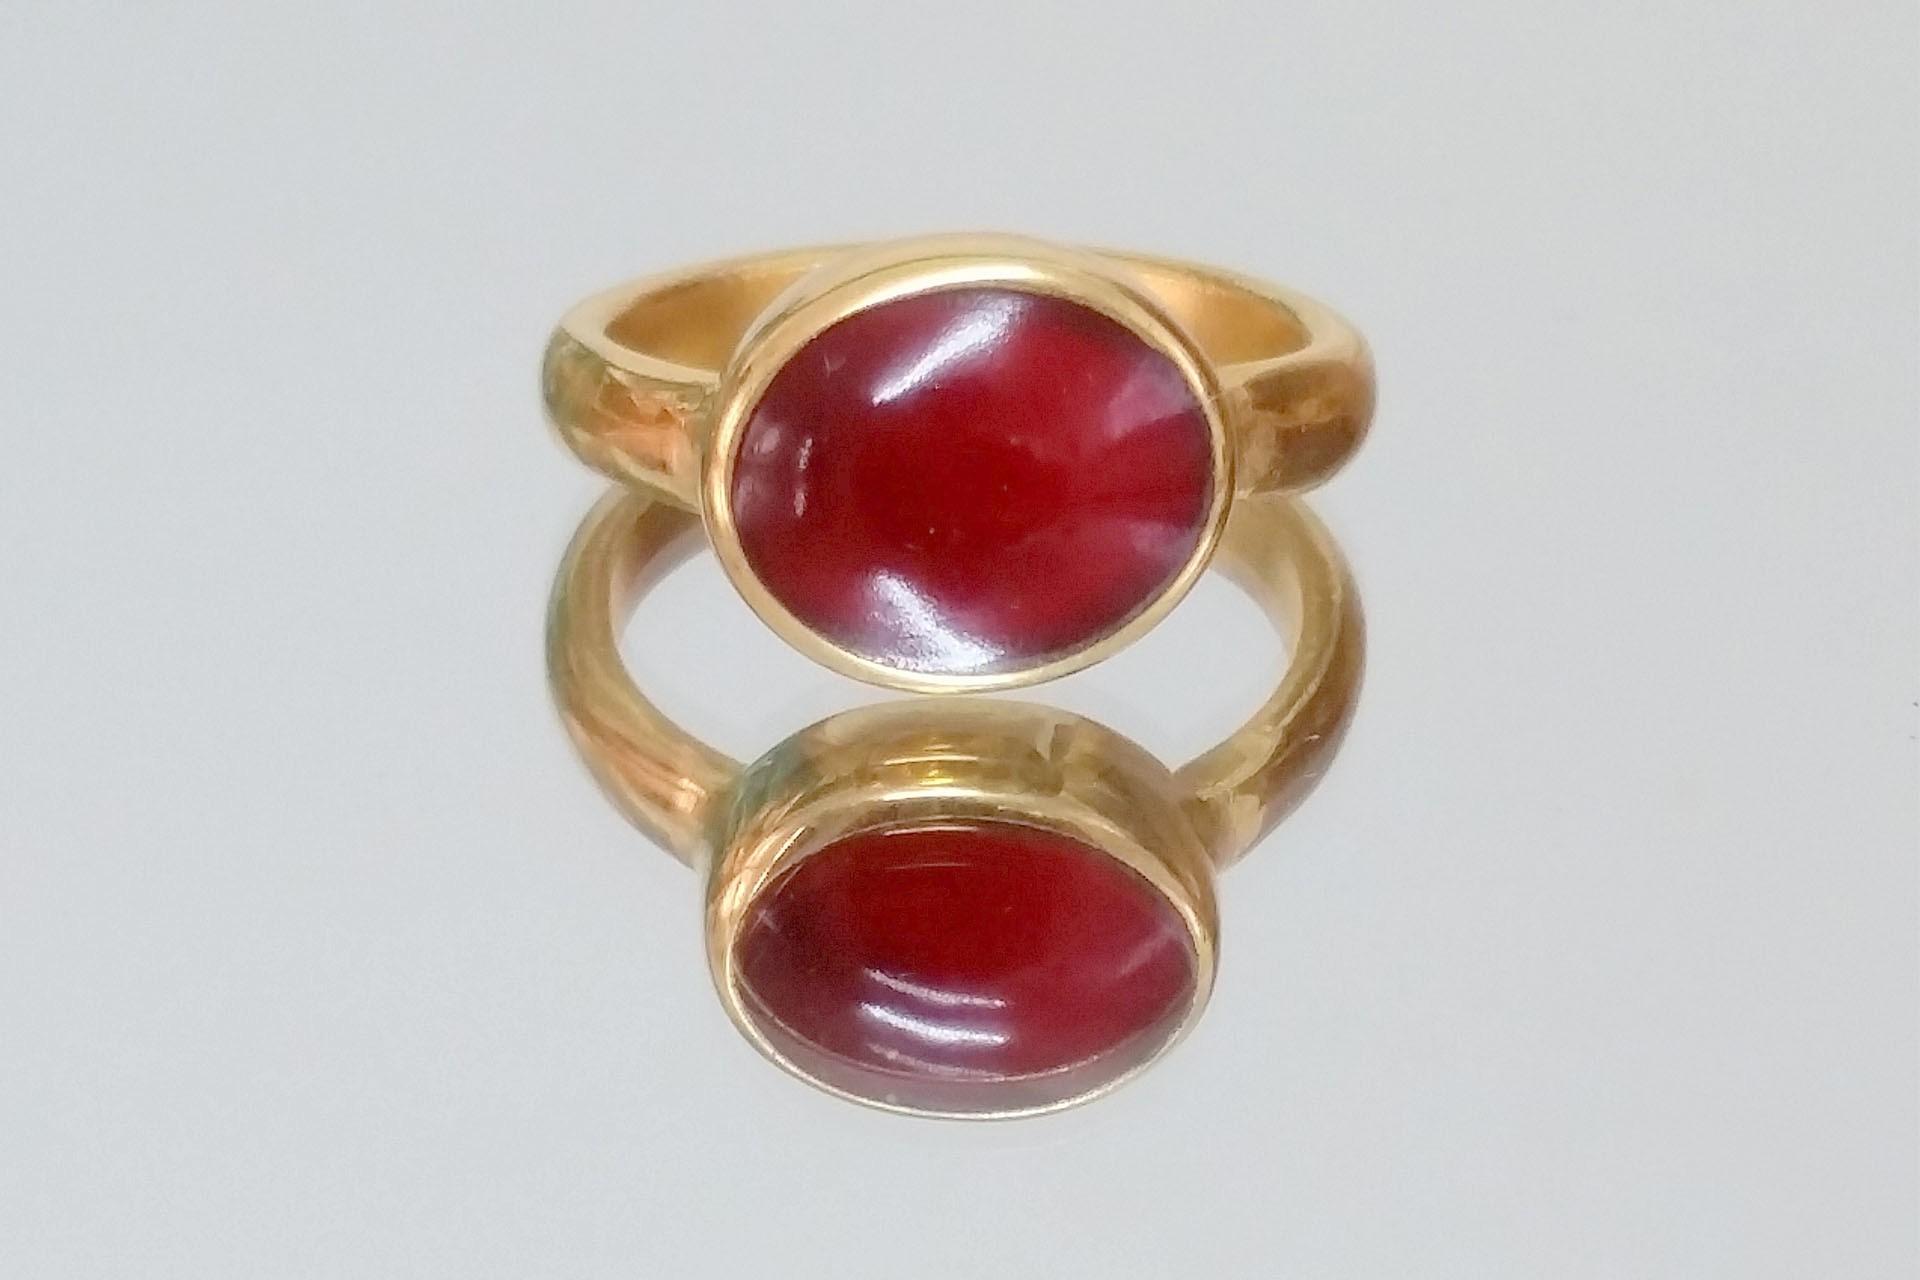 טבעת ראש אובלי וצבע